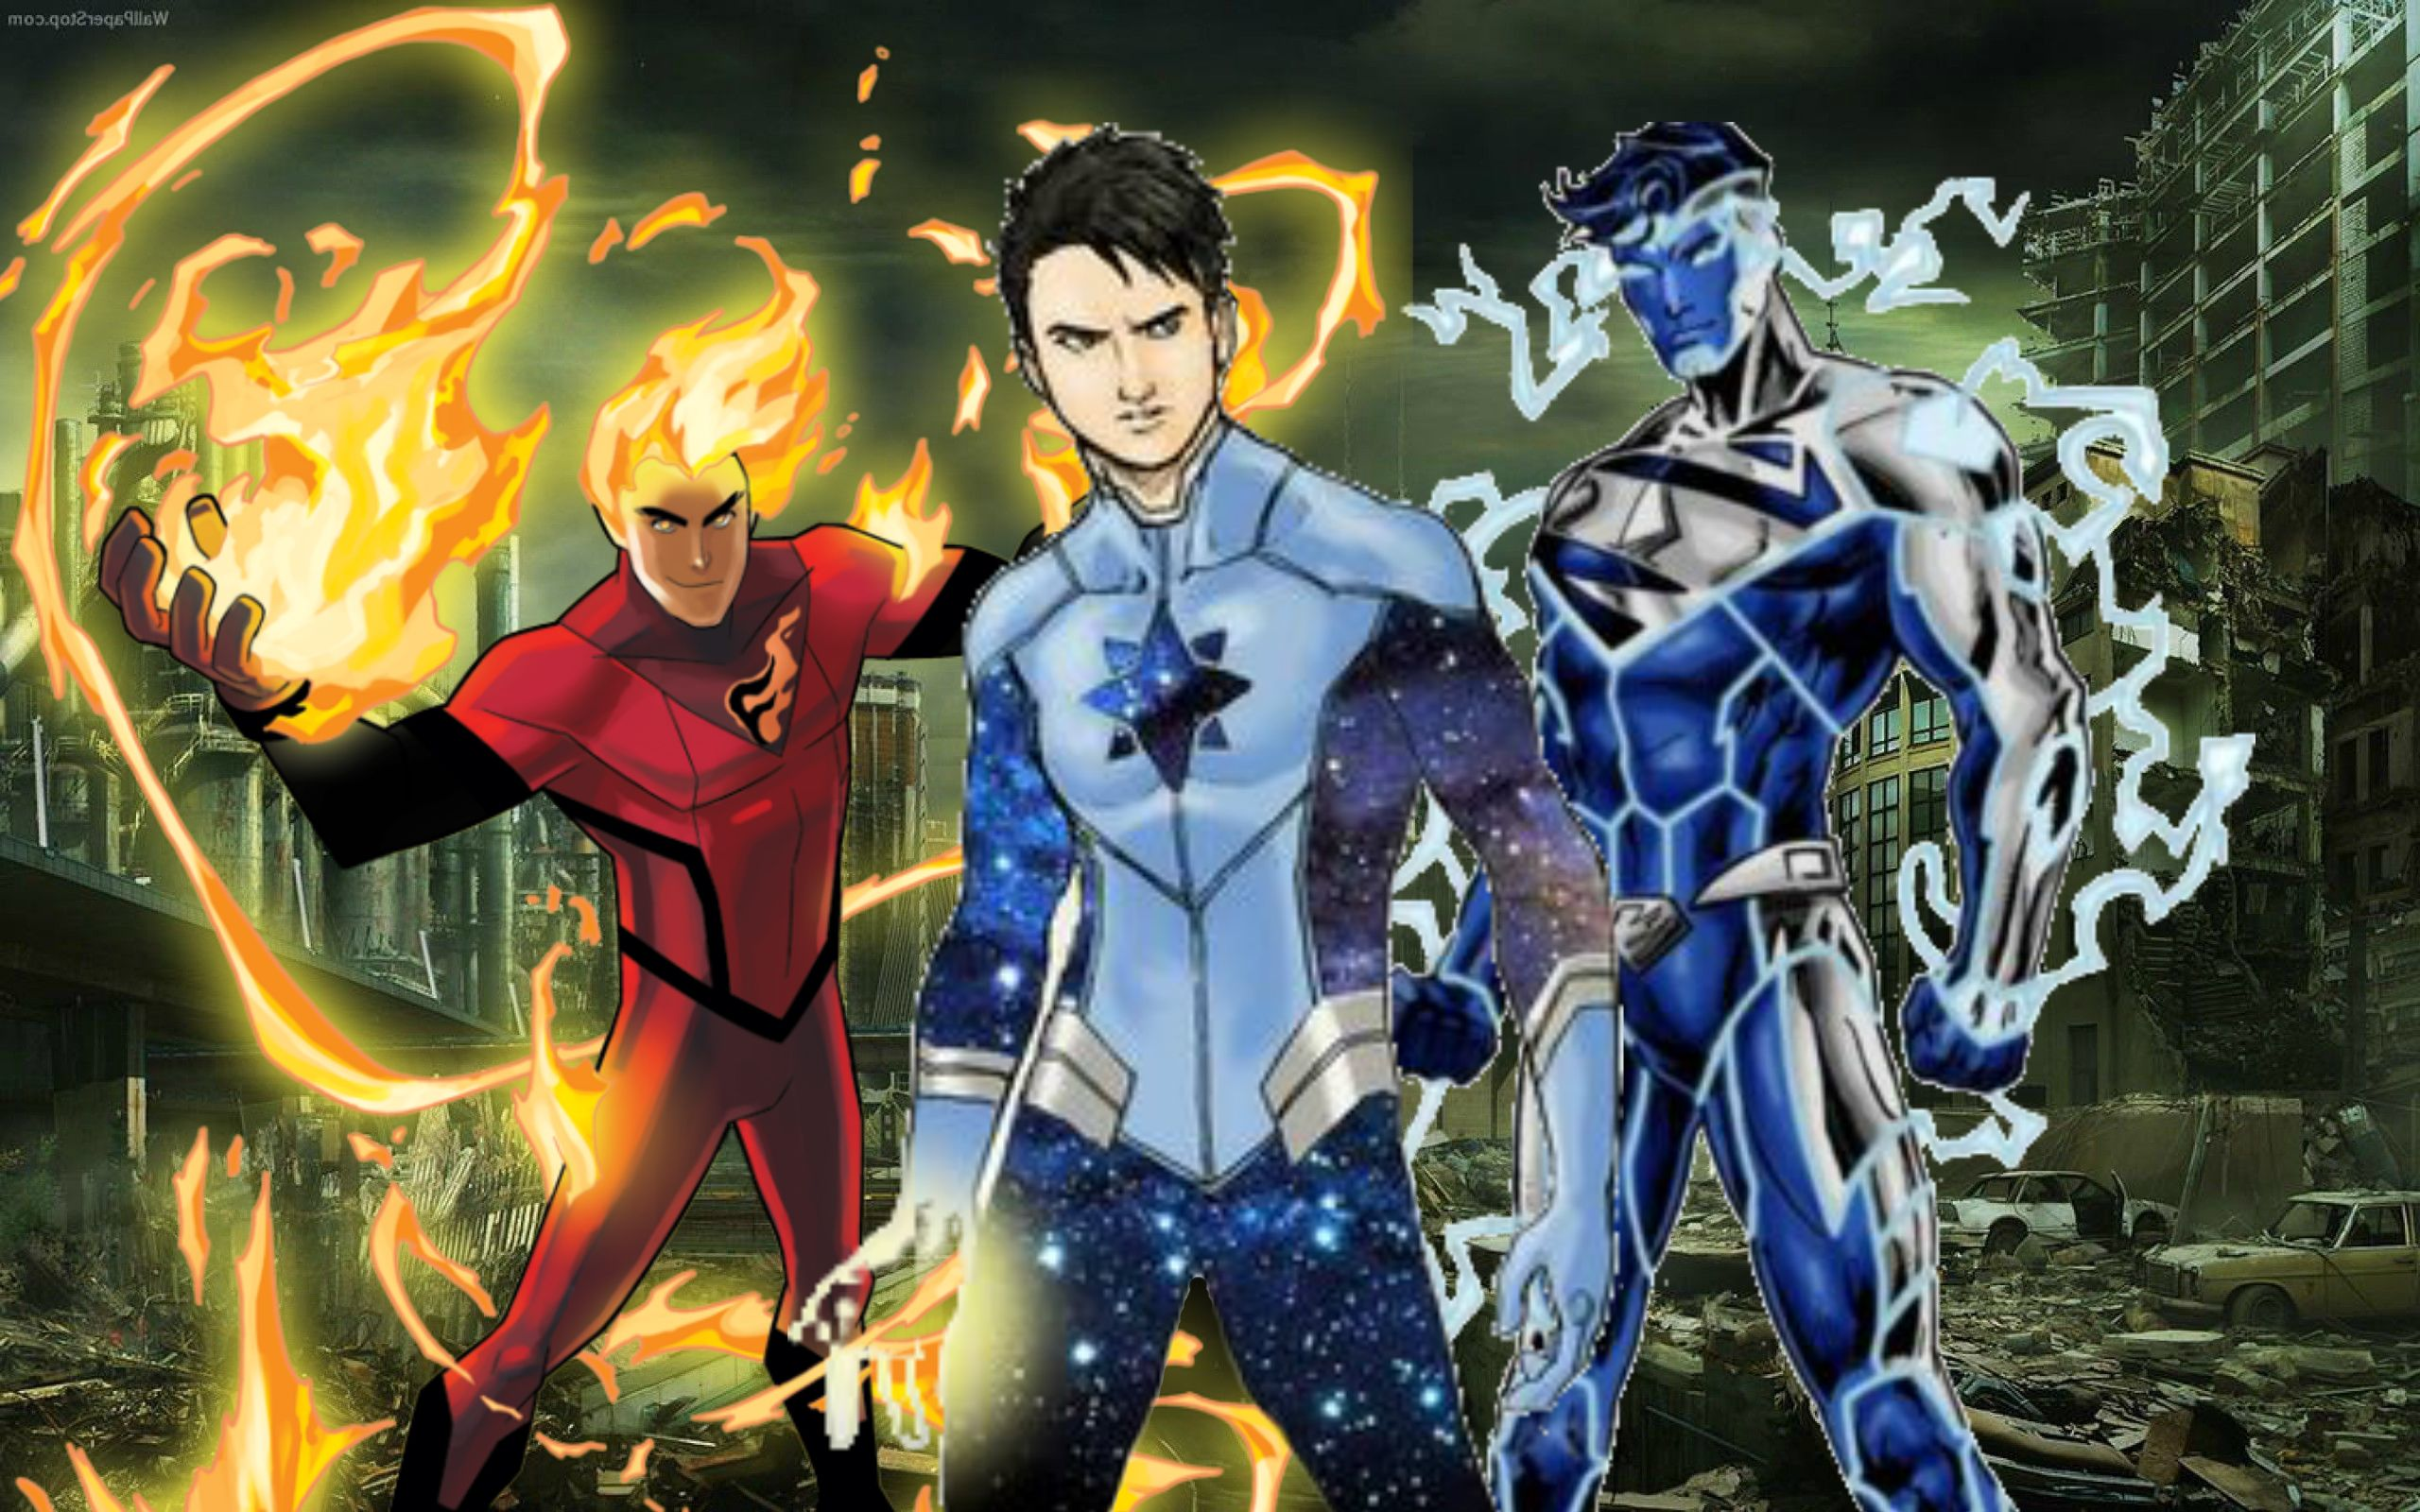 Pin by Clay Herring on Super hero Anime, Superhero, Hero